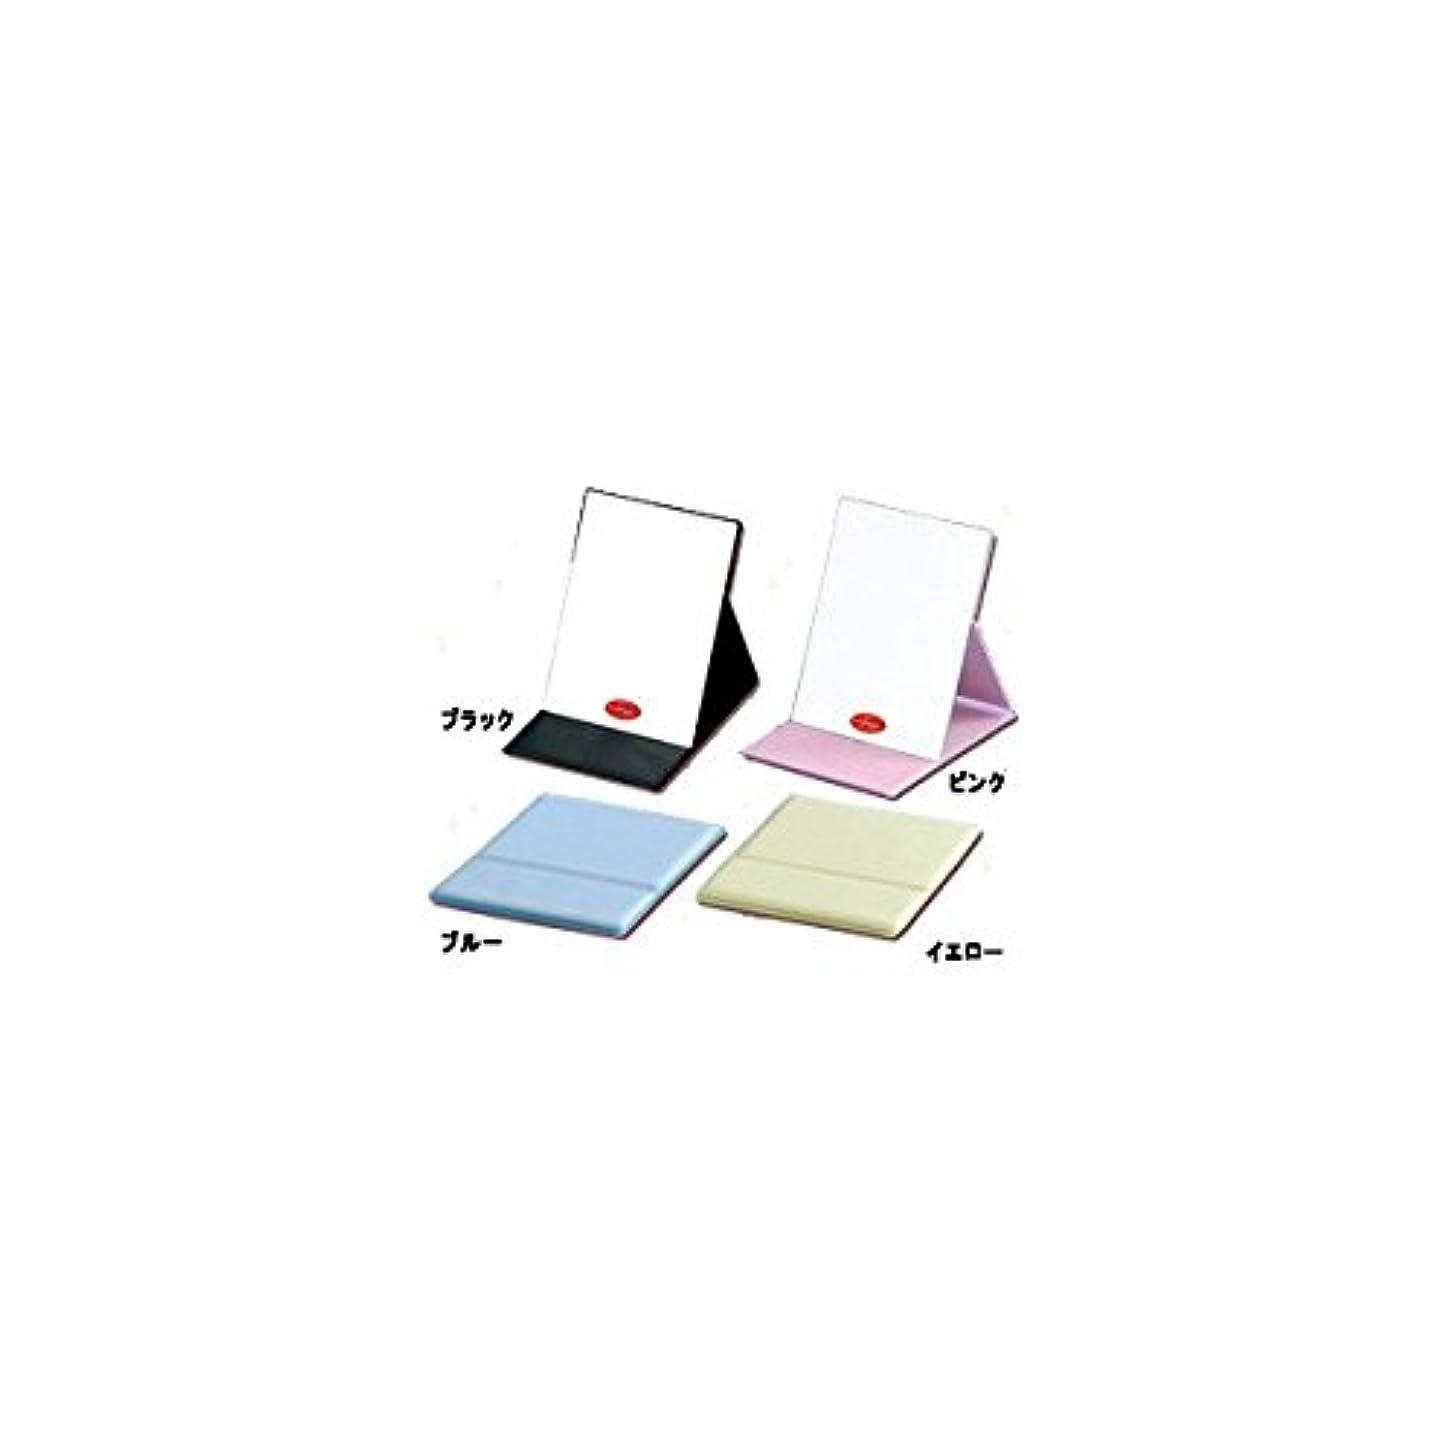 寛解情報弾力性のあるナピュア プロモデル カラーバージョン折立ミラー M ピンク